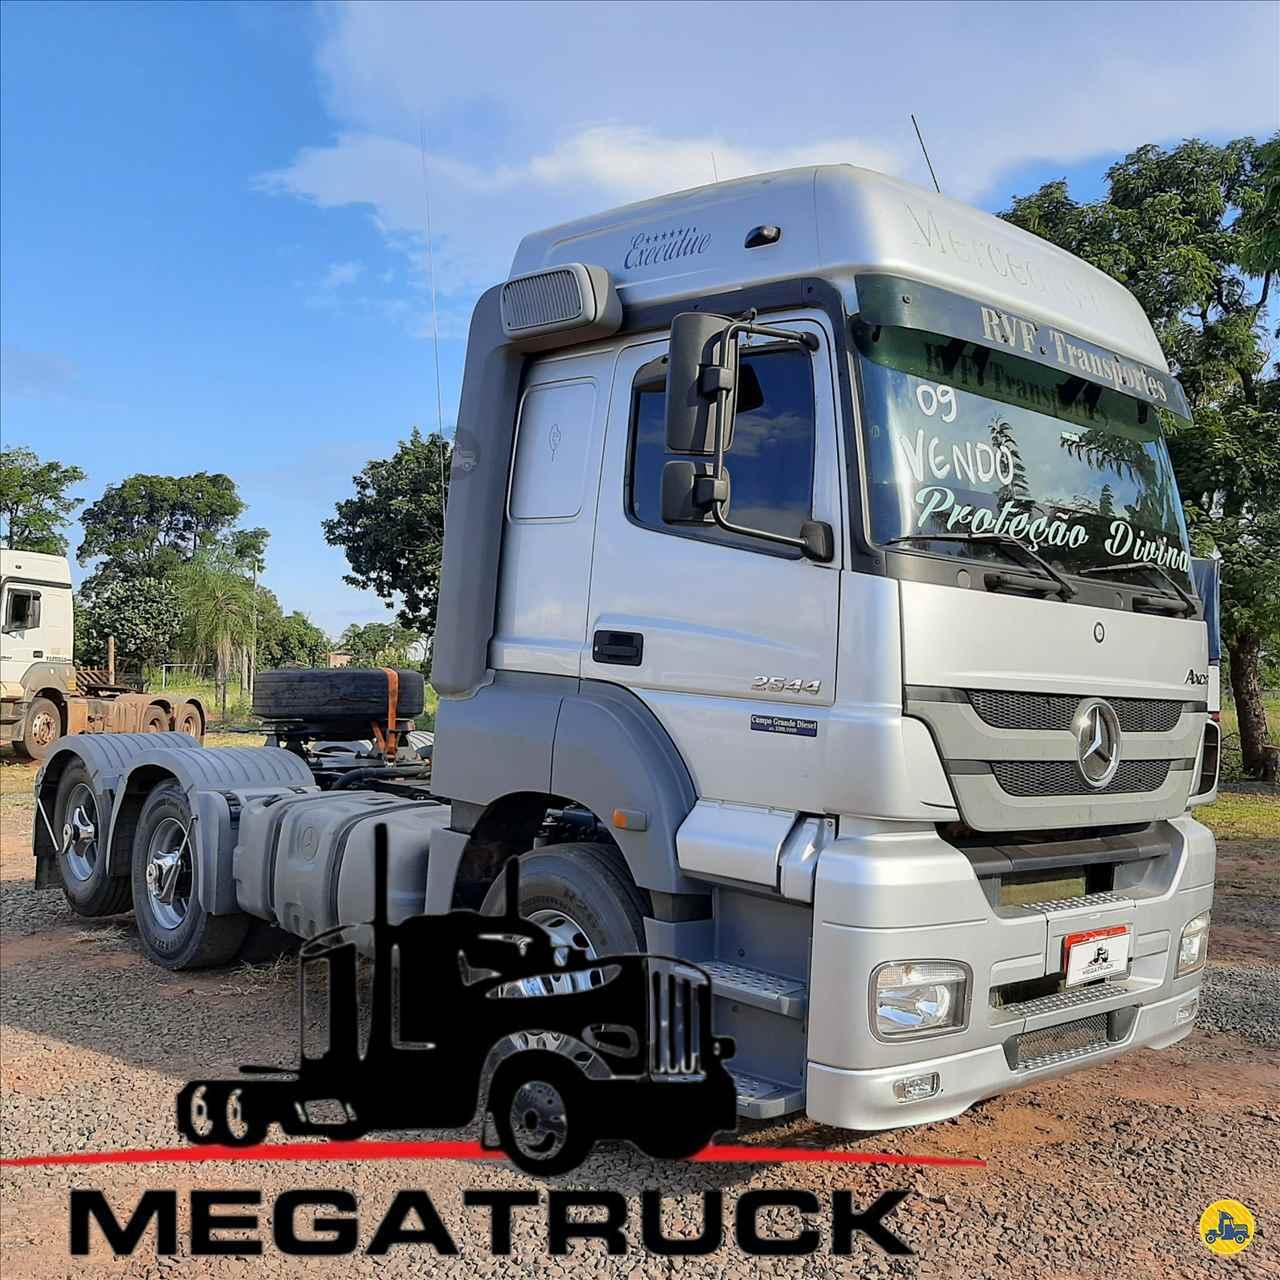 CAMINHAO MERCEDES-BENZ MB 2544 Cavalo Mecânico Truck 6x2 Megatruck Caminhões e Máquinas CAMPO GRANDE MATO GROSSO DO SUL MS